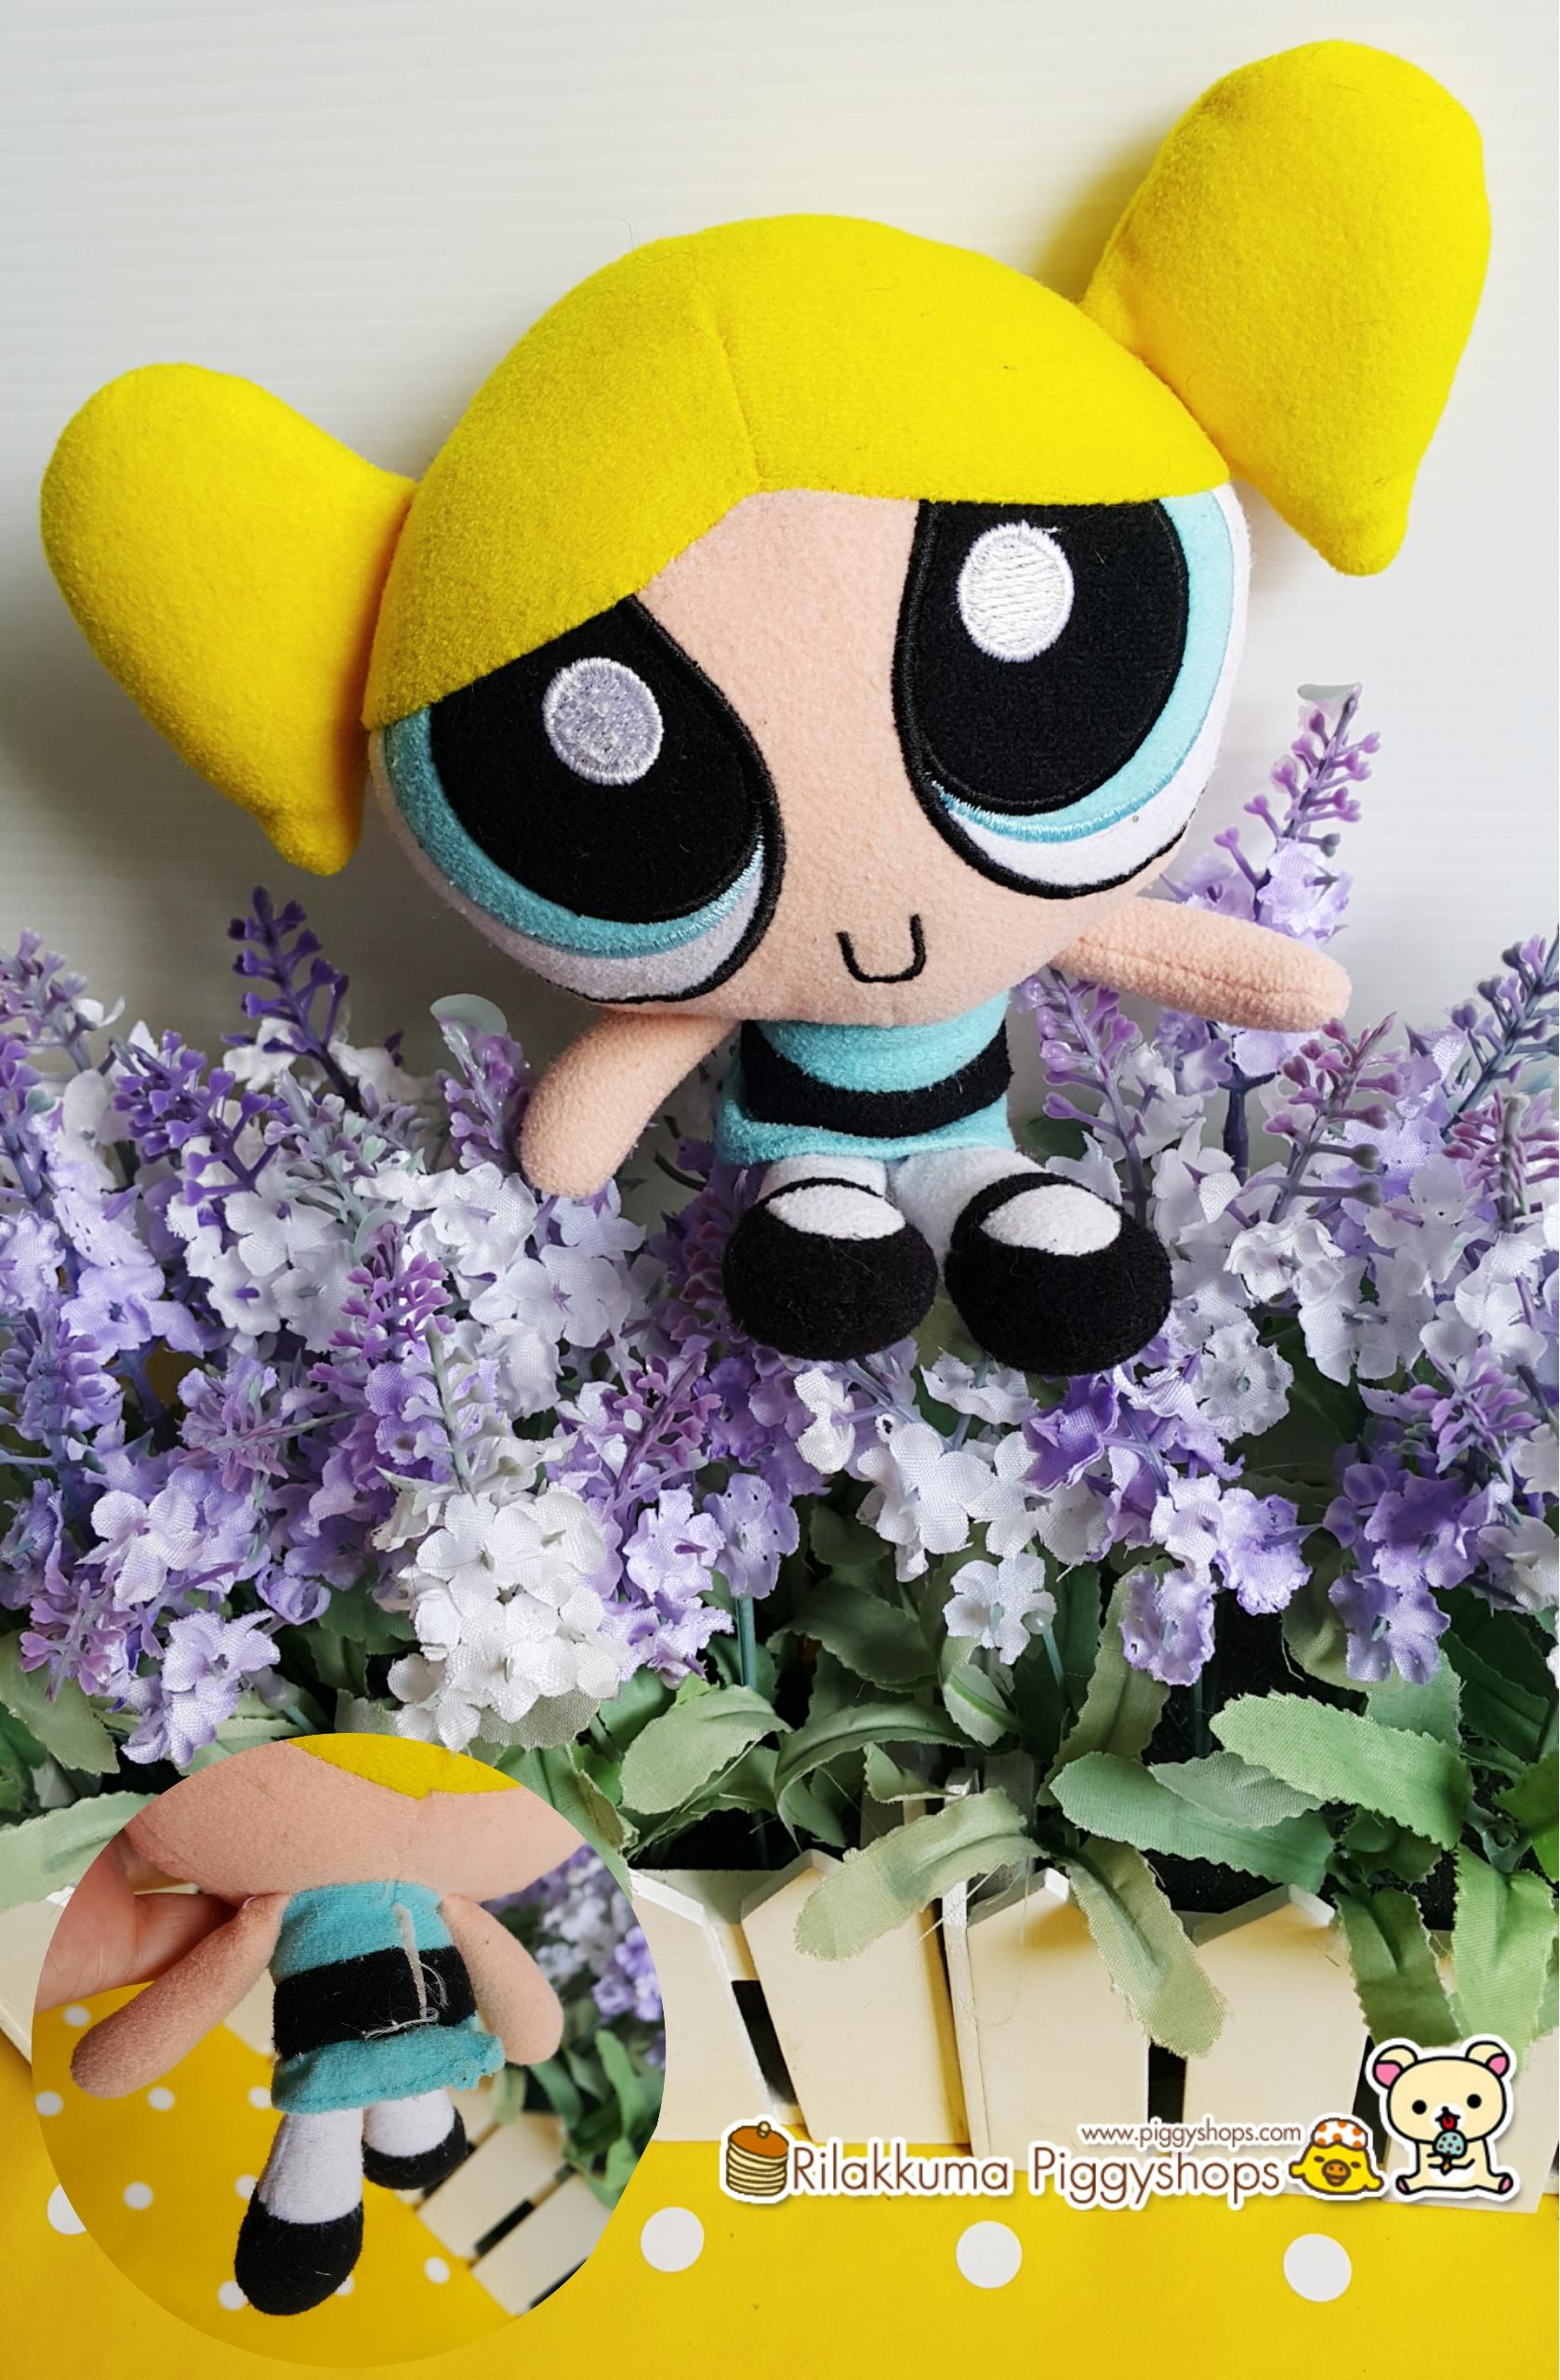 ตุ๊กตาบับเบิลส์เดอะพาวเวอร์พัฟเกิร์ล (Bubble - The powerpuff girl) size about 7